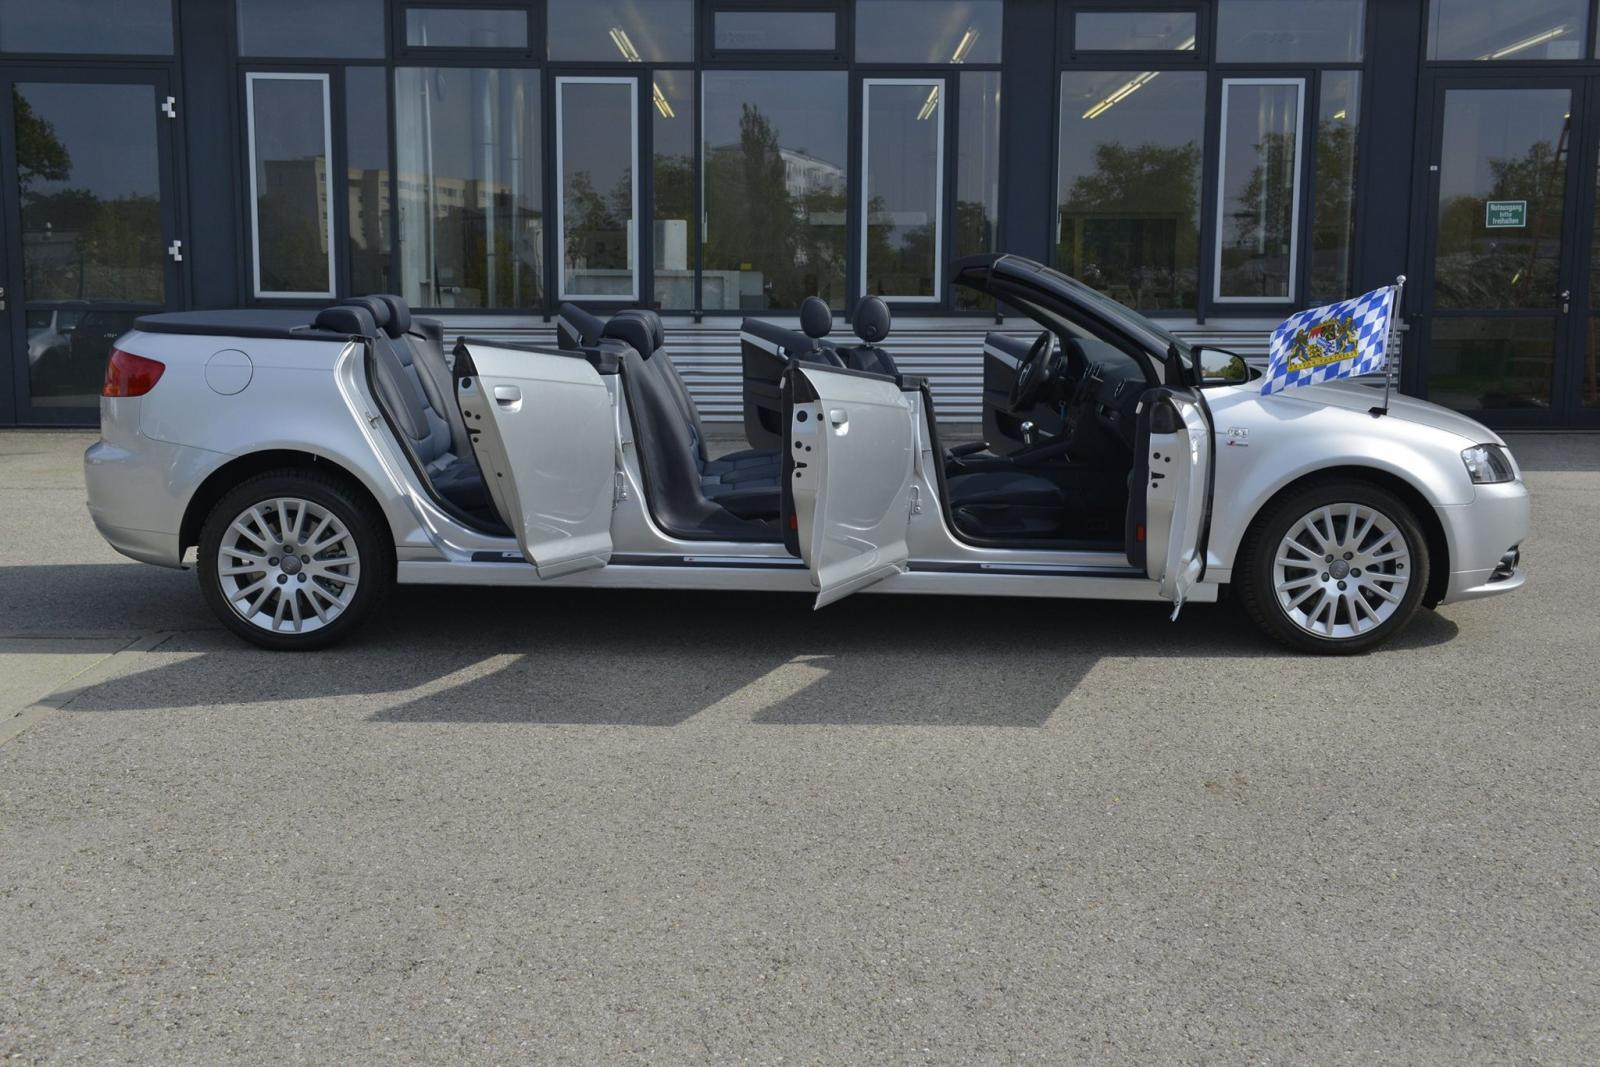 Sí, tus ojos no te engañan: Esto es un Audi A3 Cabrio de seis puertas y ocho ocupantes 4